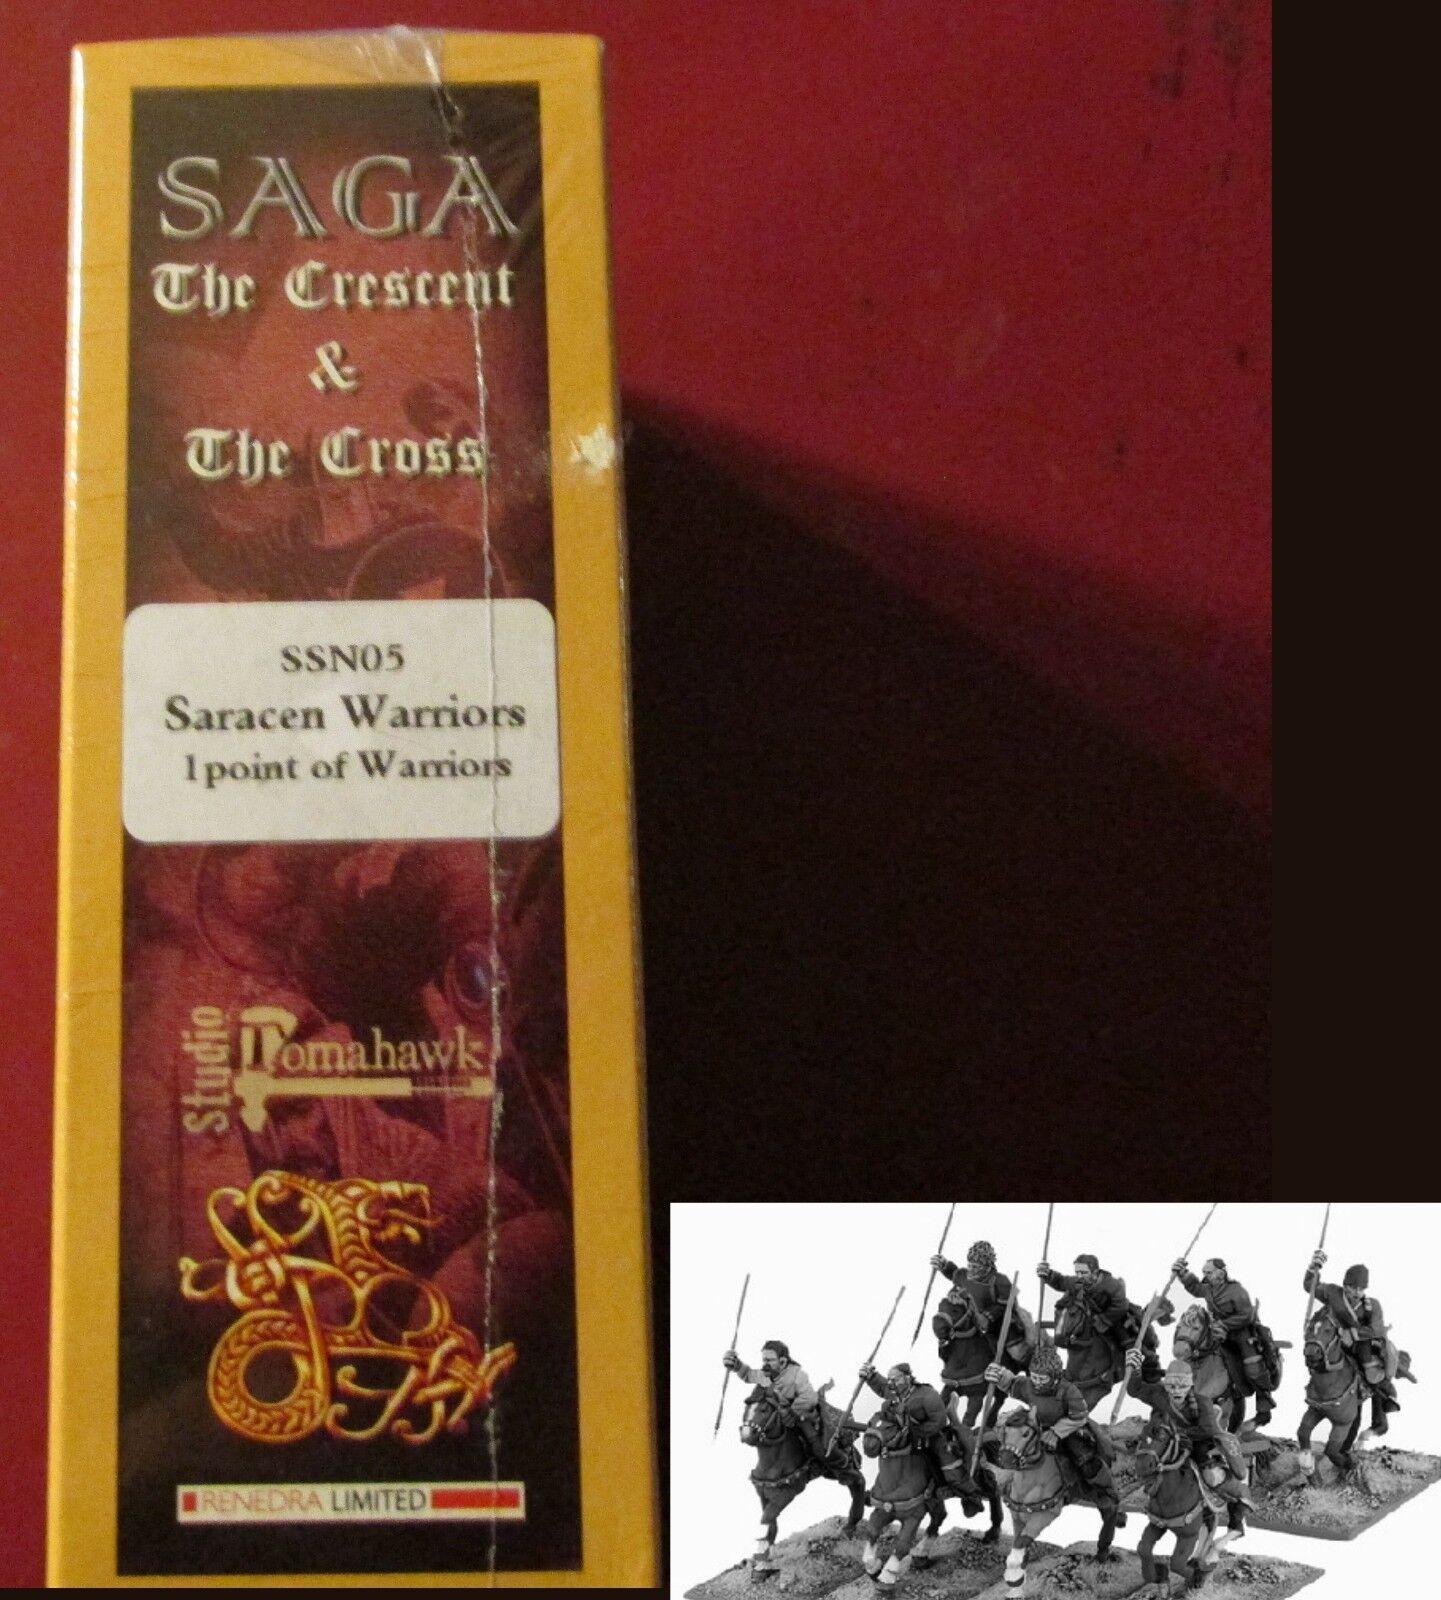 Die saga der halbmond und kreuz ssn05 saracen montiert, krieger (8) 28 mm miniaturen